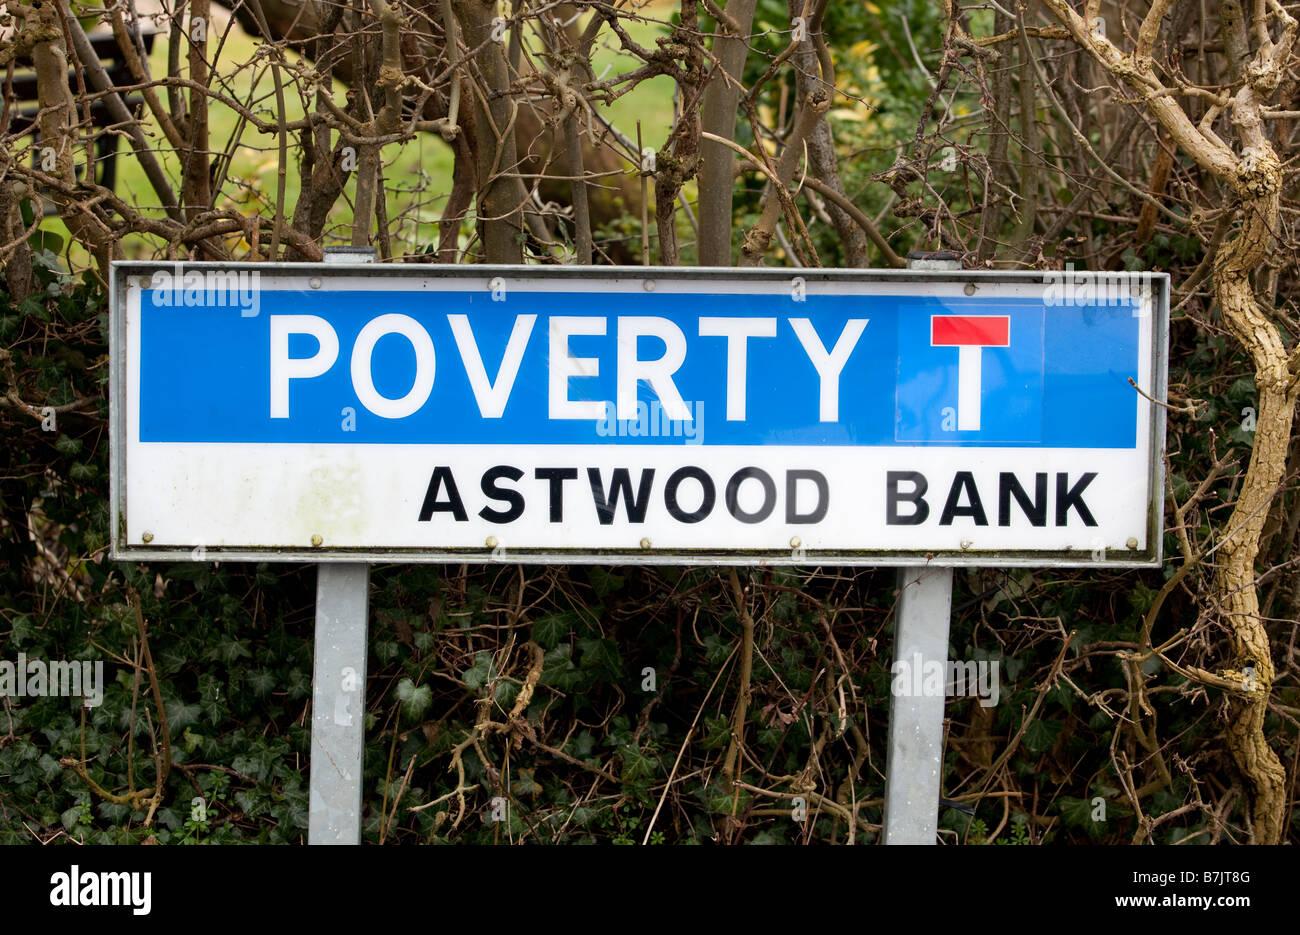 Un camino llamado la pobreza en la aldea de Worcestershire Astwood Bank Inglaterra Imagen De Stock